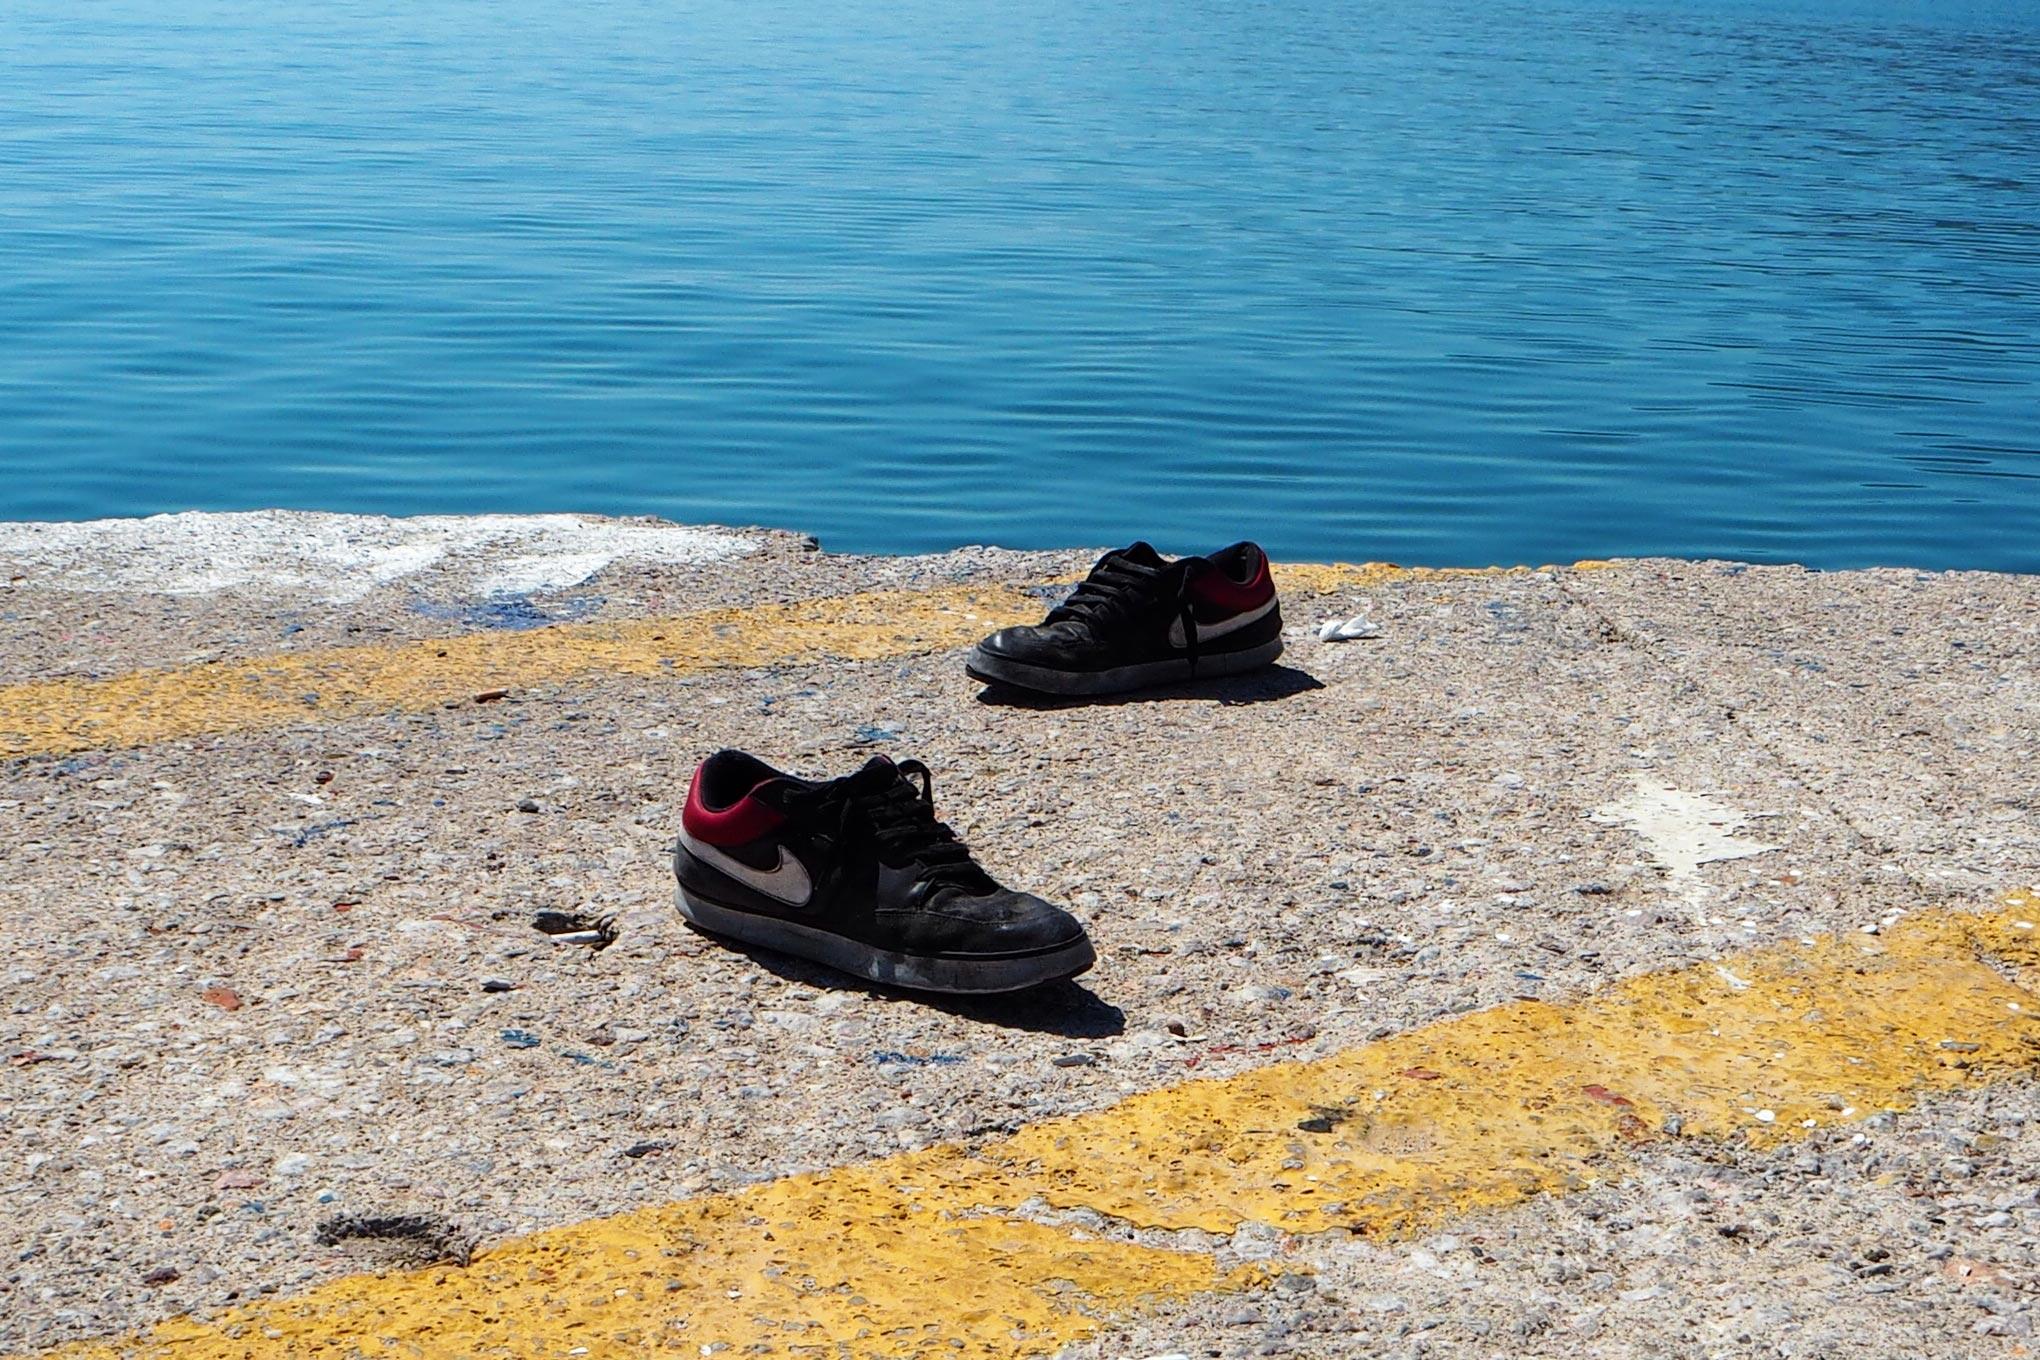 Ingen vet hur många flyktingar som i år har dött på Medelhavet och i livsfarliga transporter på vägar i Europa. Foto: seisenschenk /flickr